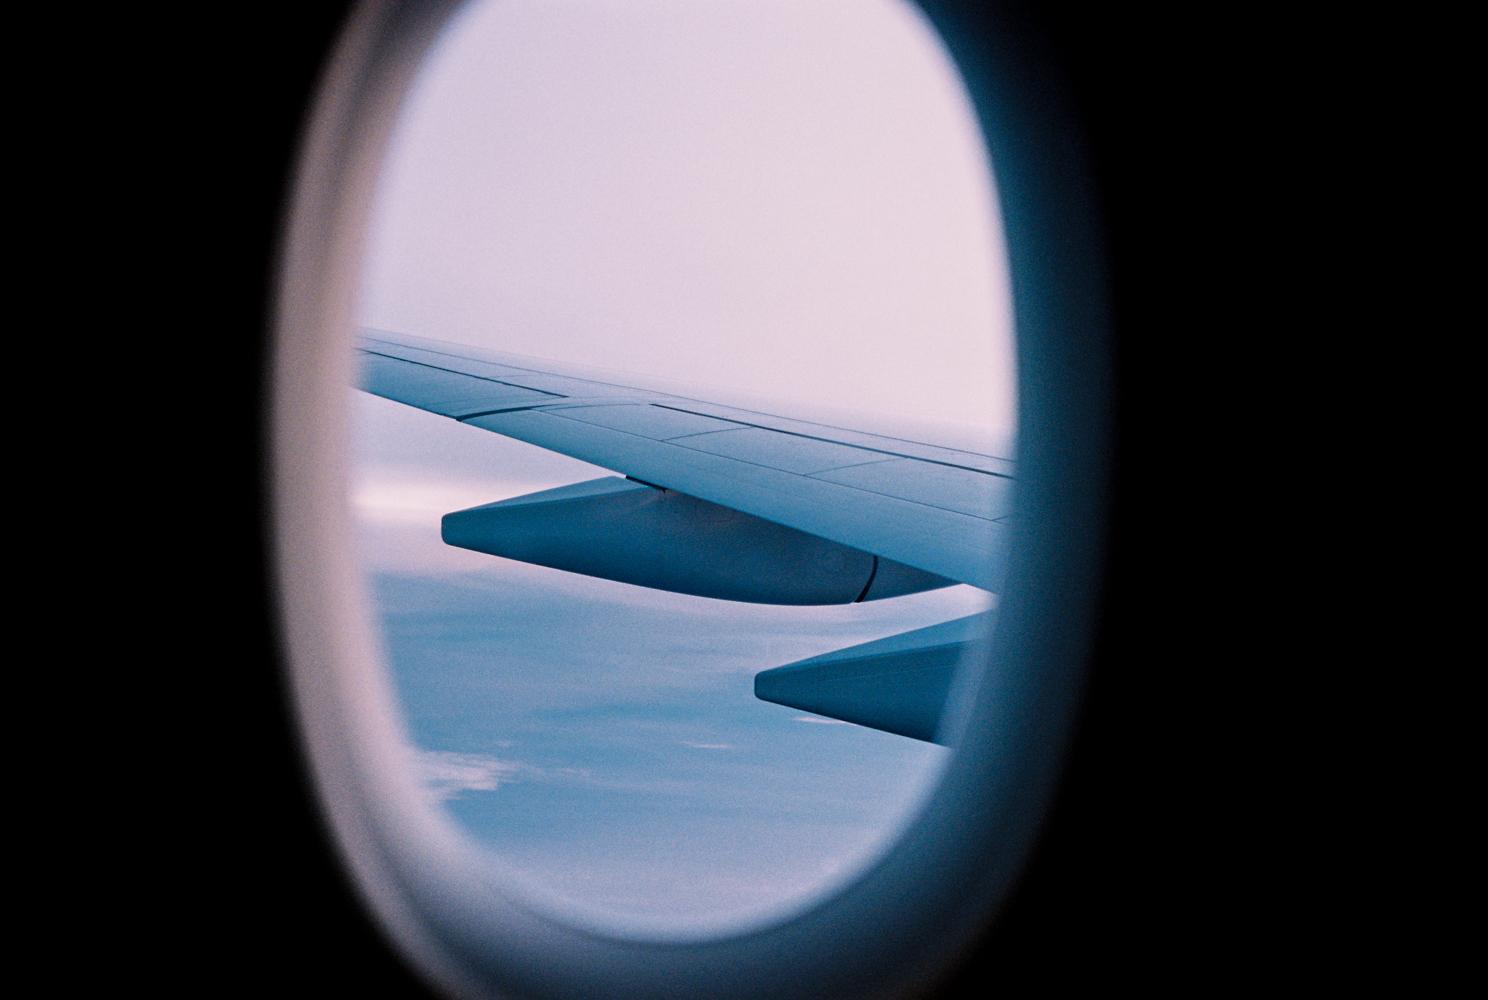 Plane - Vietnam, 2017